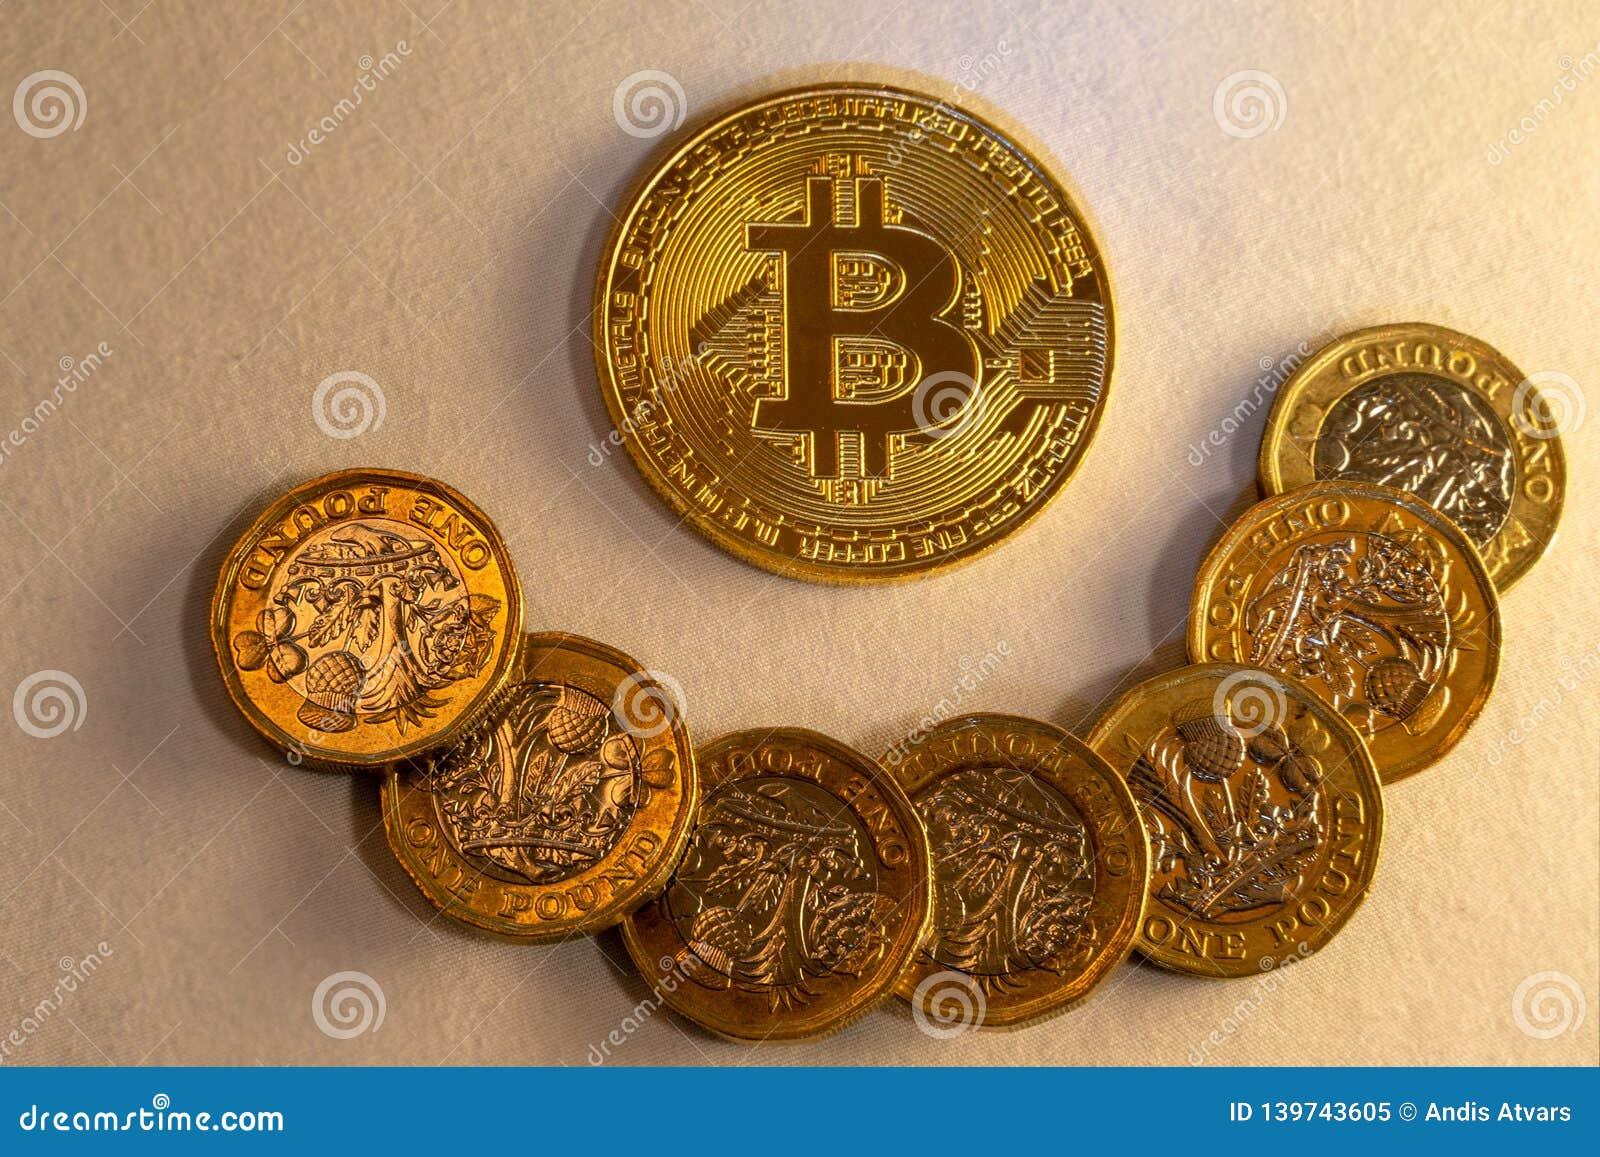 Collage heureux de bitcoin, cryptocurrency acceptant pour le paiement et concept de finances